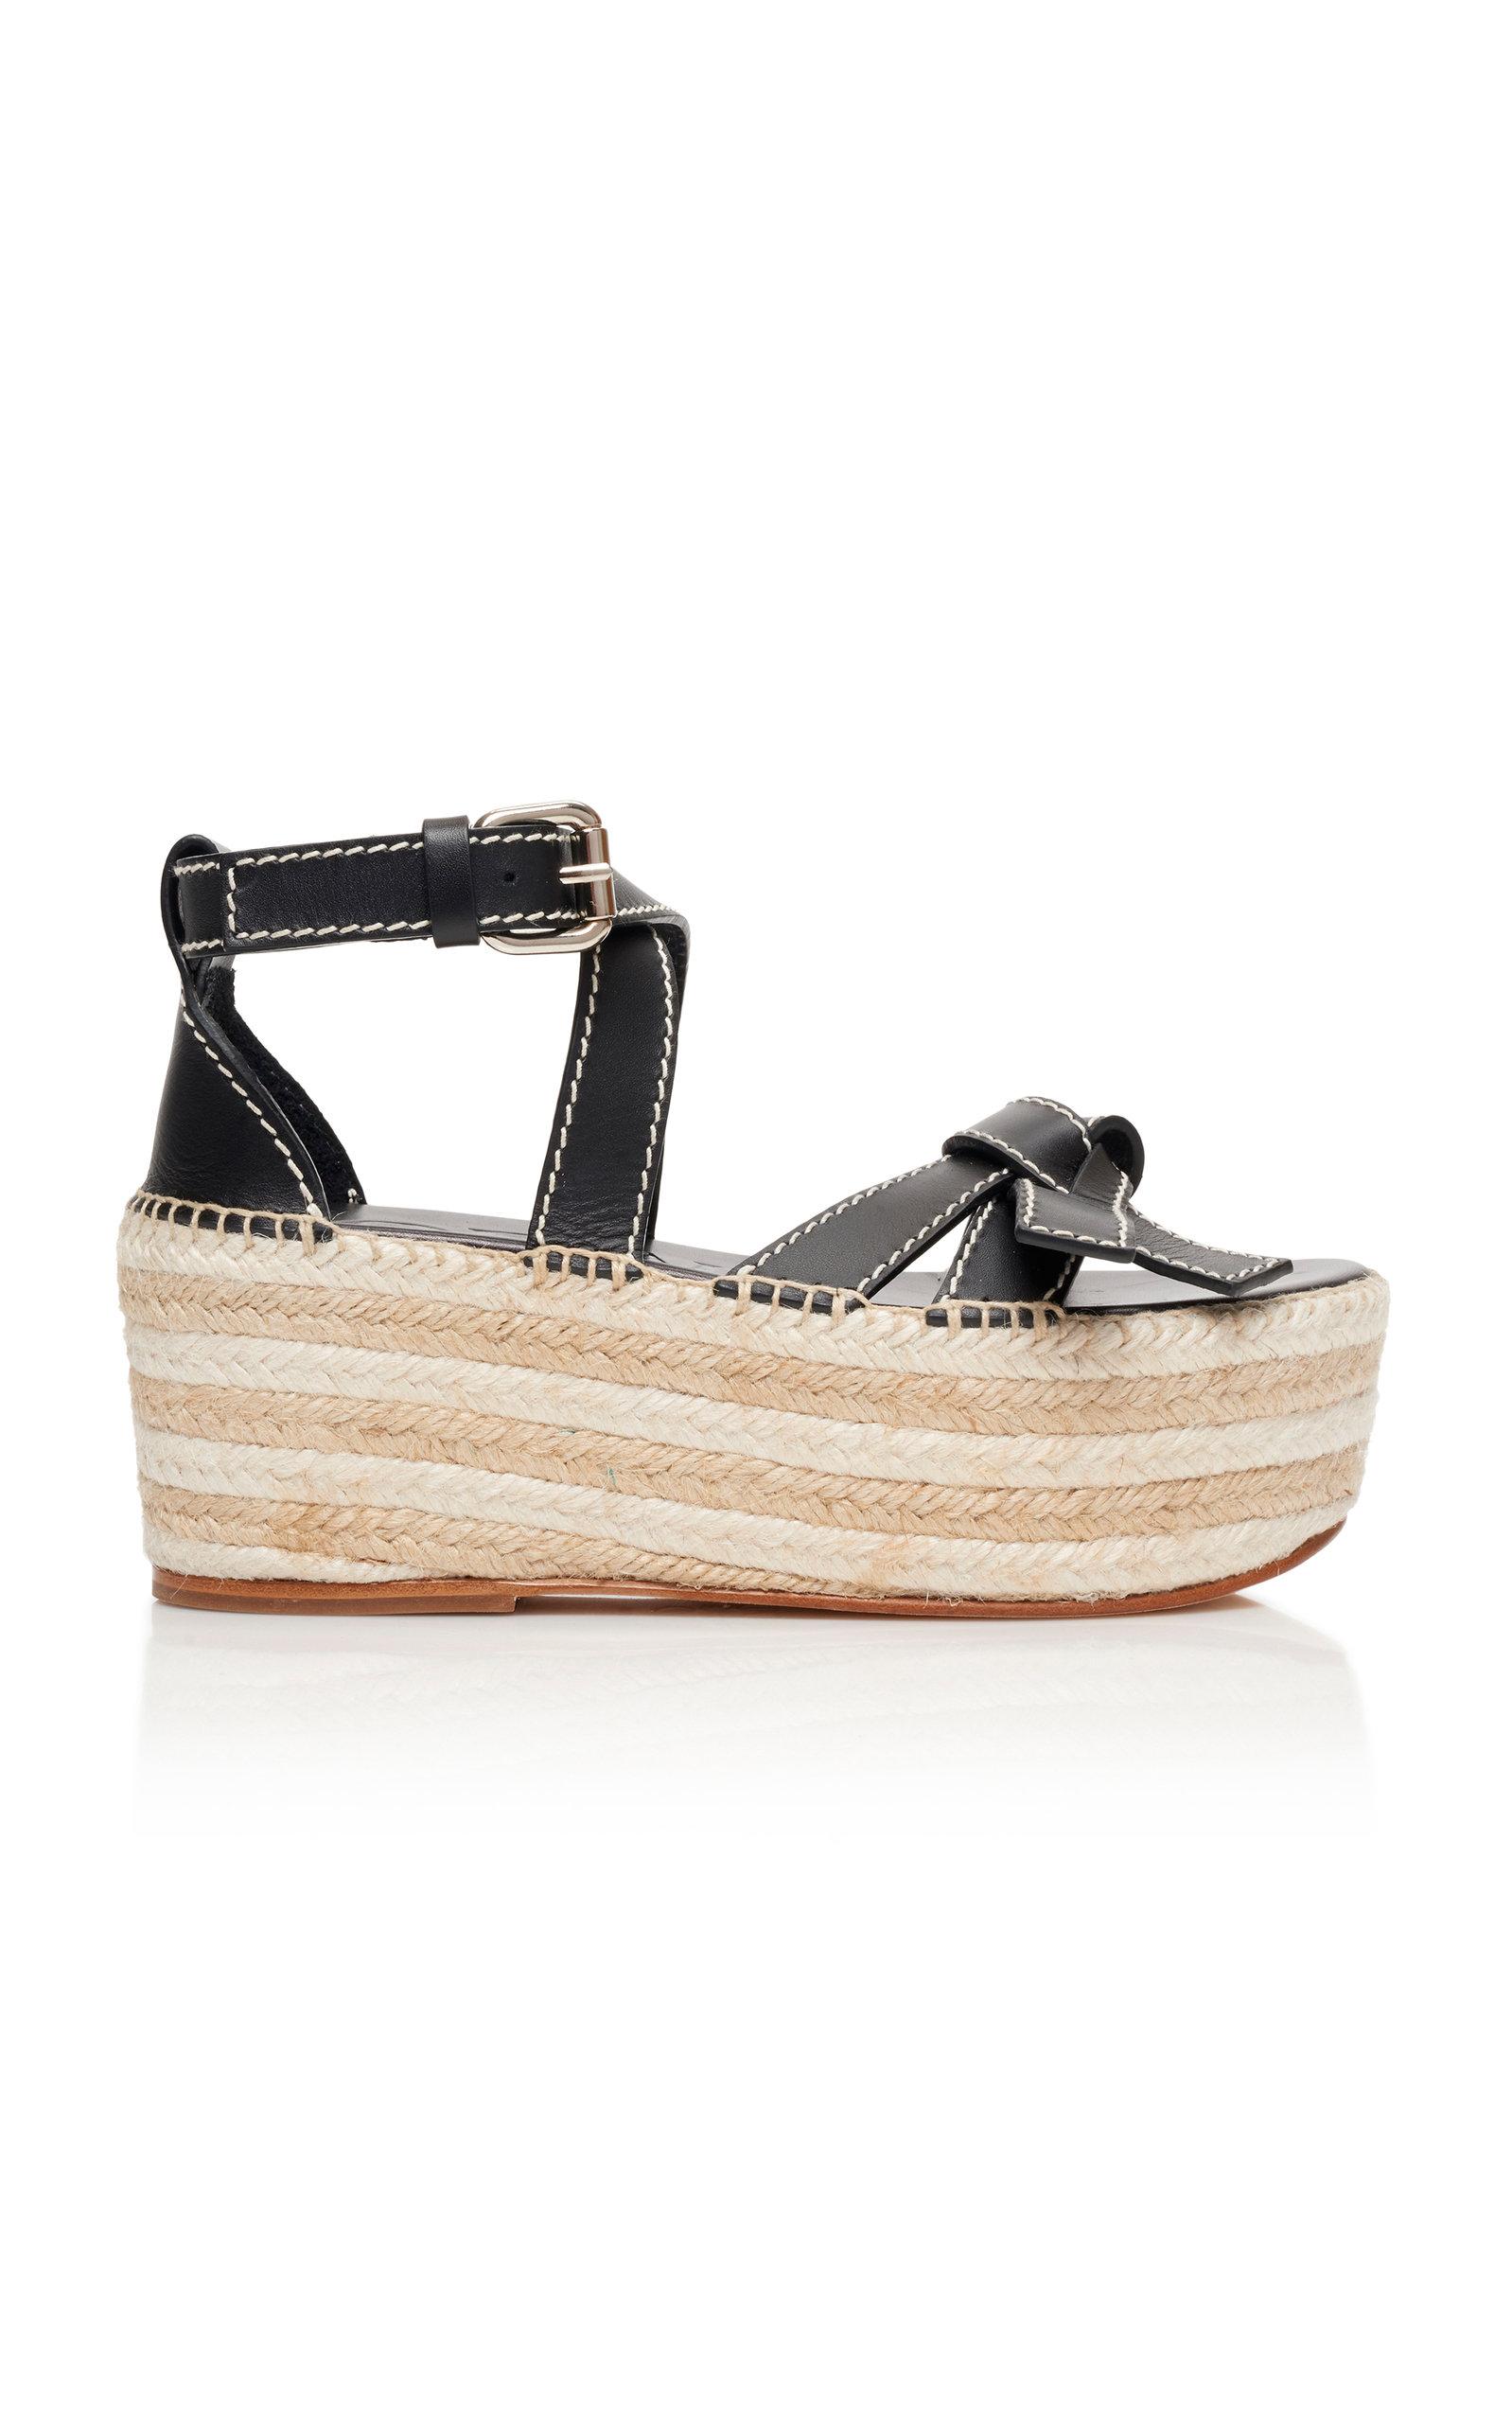 Loewe Shoes Gate Leather Espadrille Platform Sandals